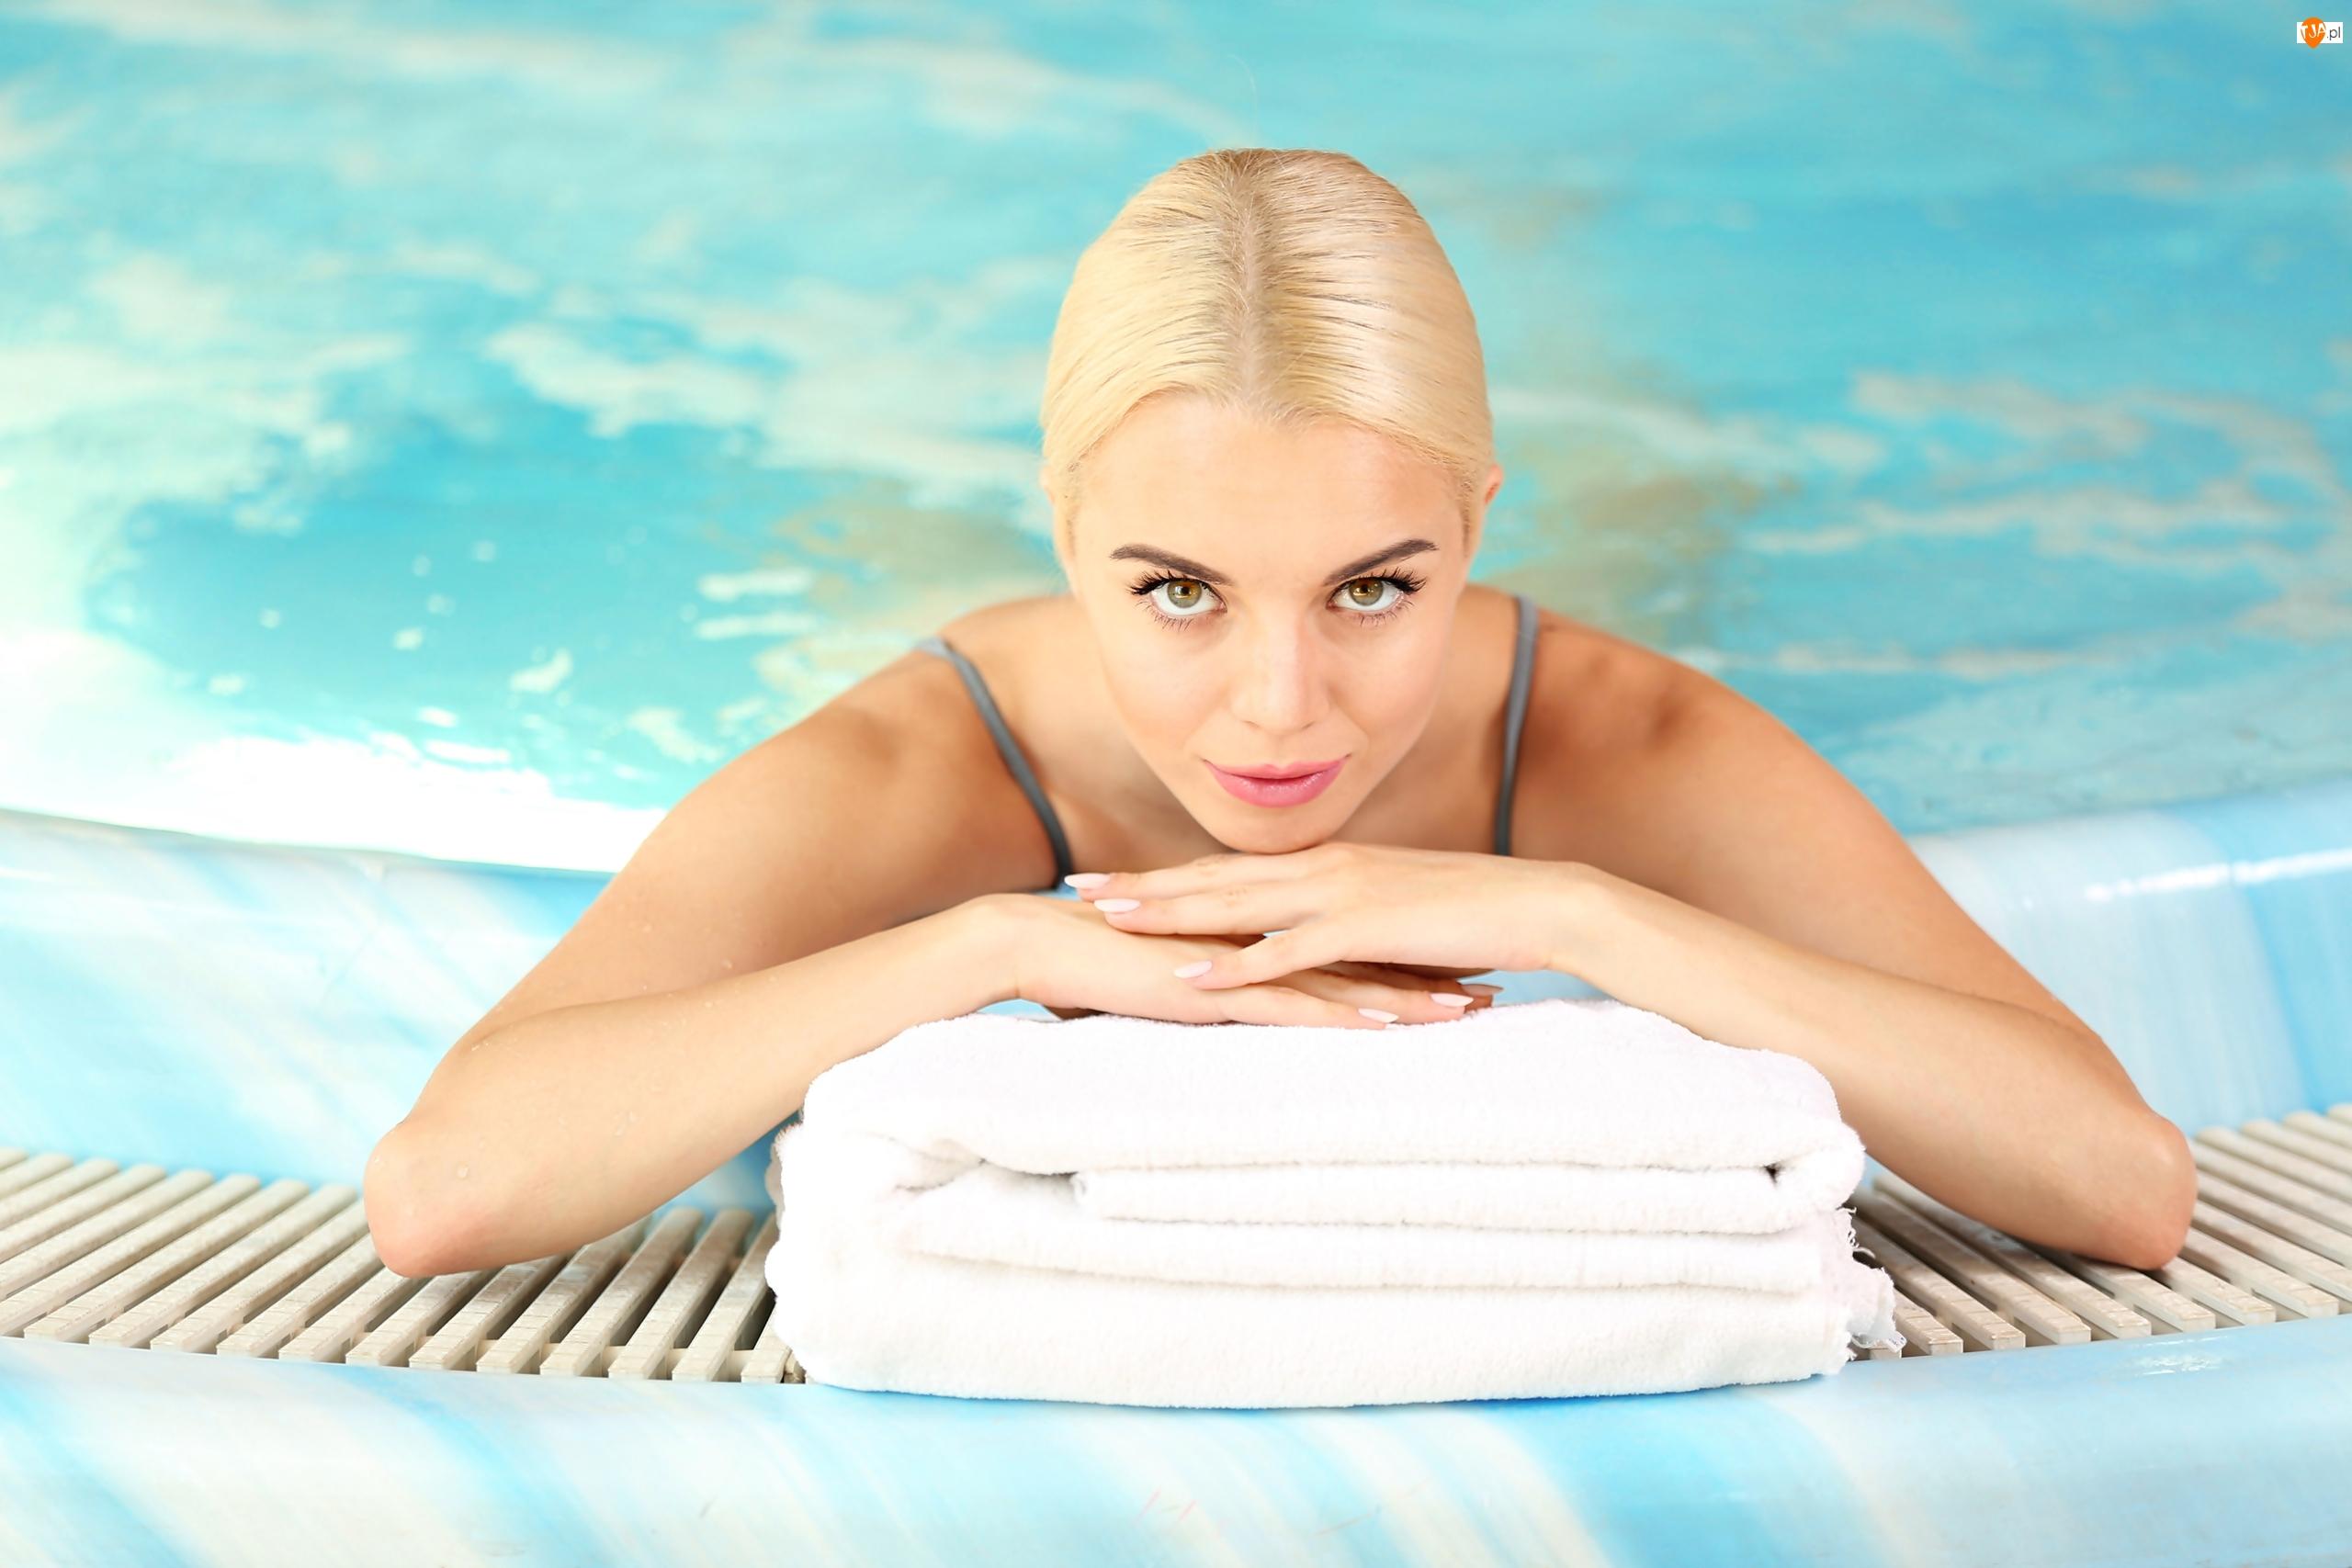 Kobieta, Ręczniki, Blondynka, Basen